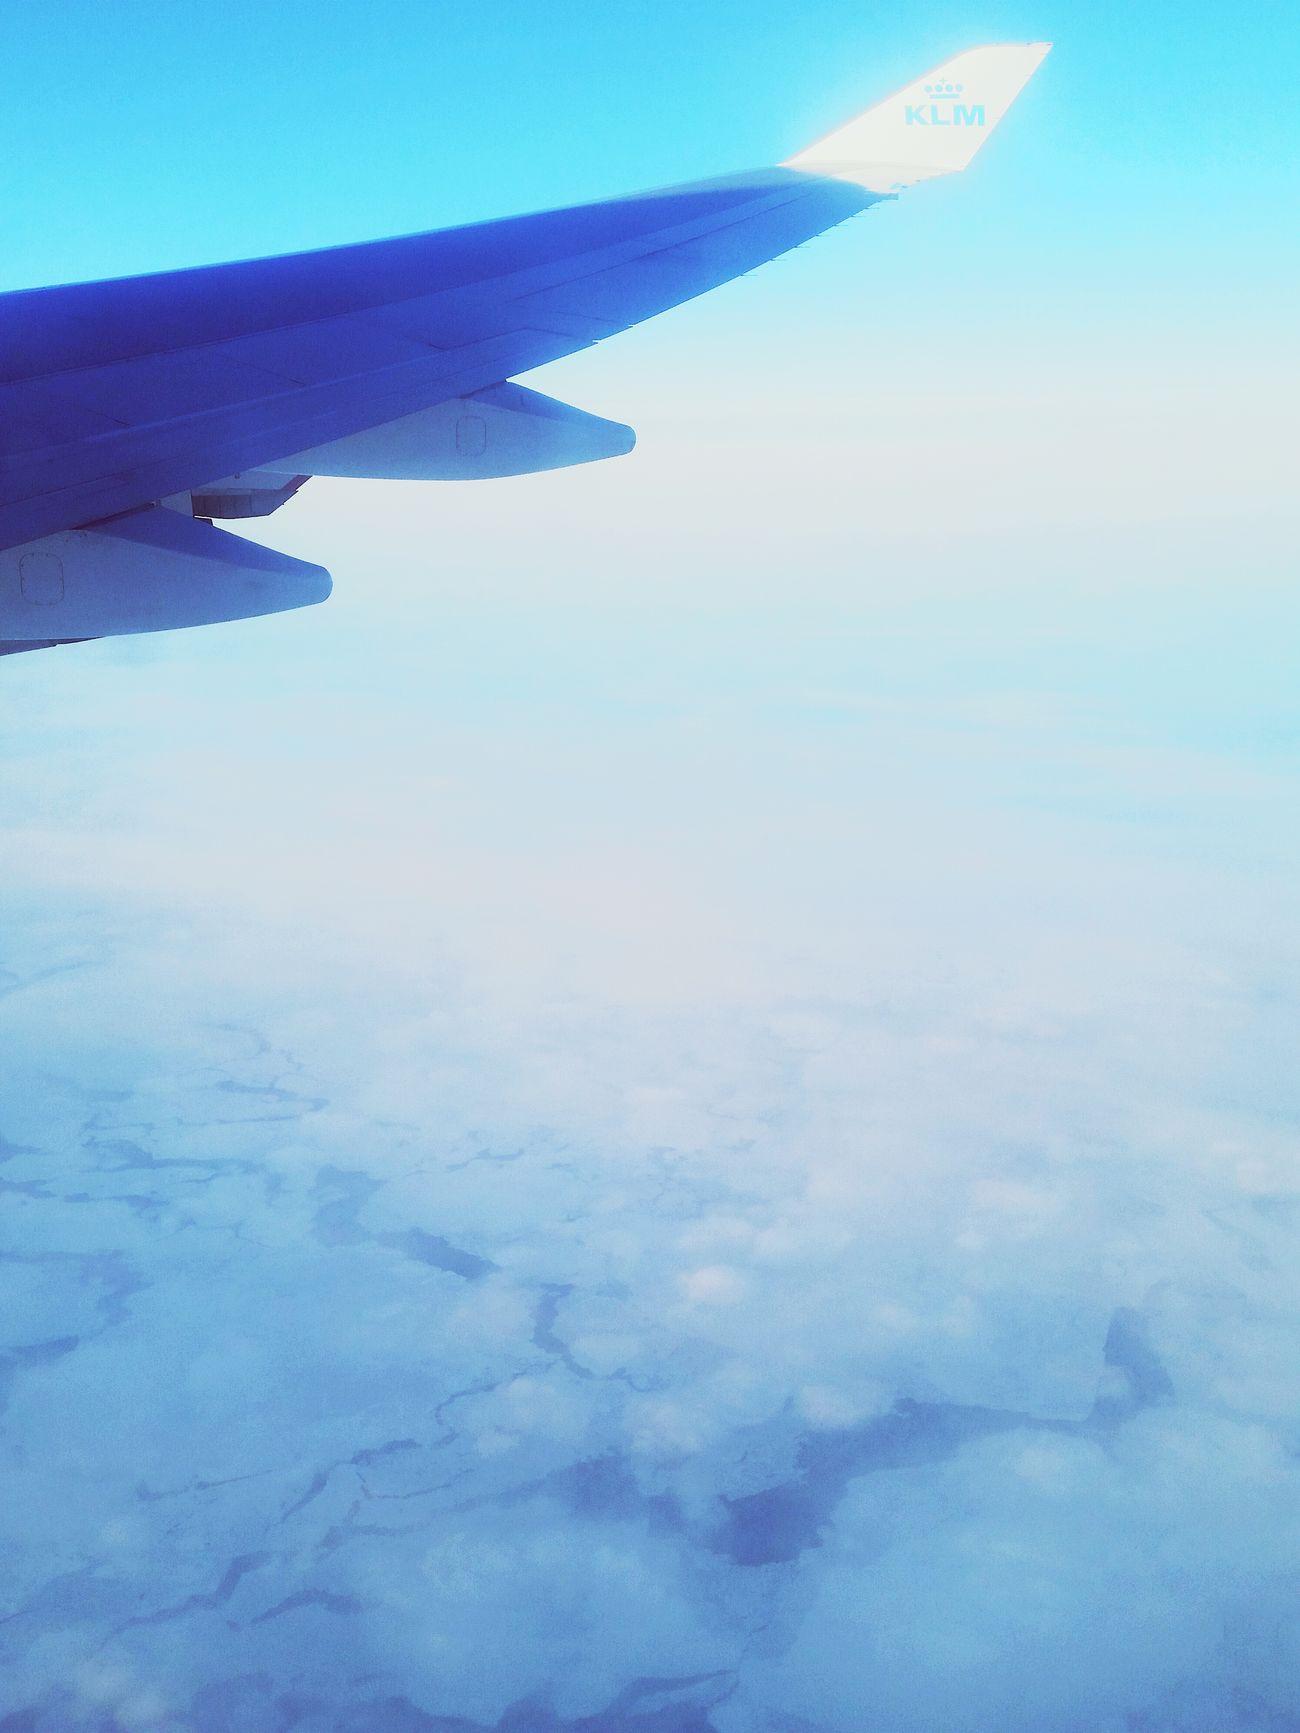 Flying Glacier Ice Groenland KLM